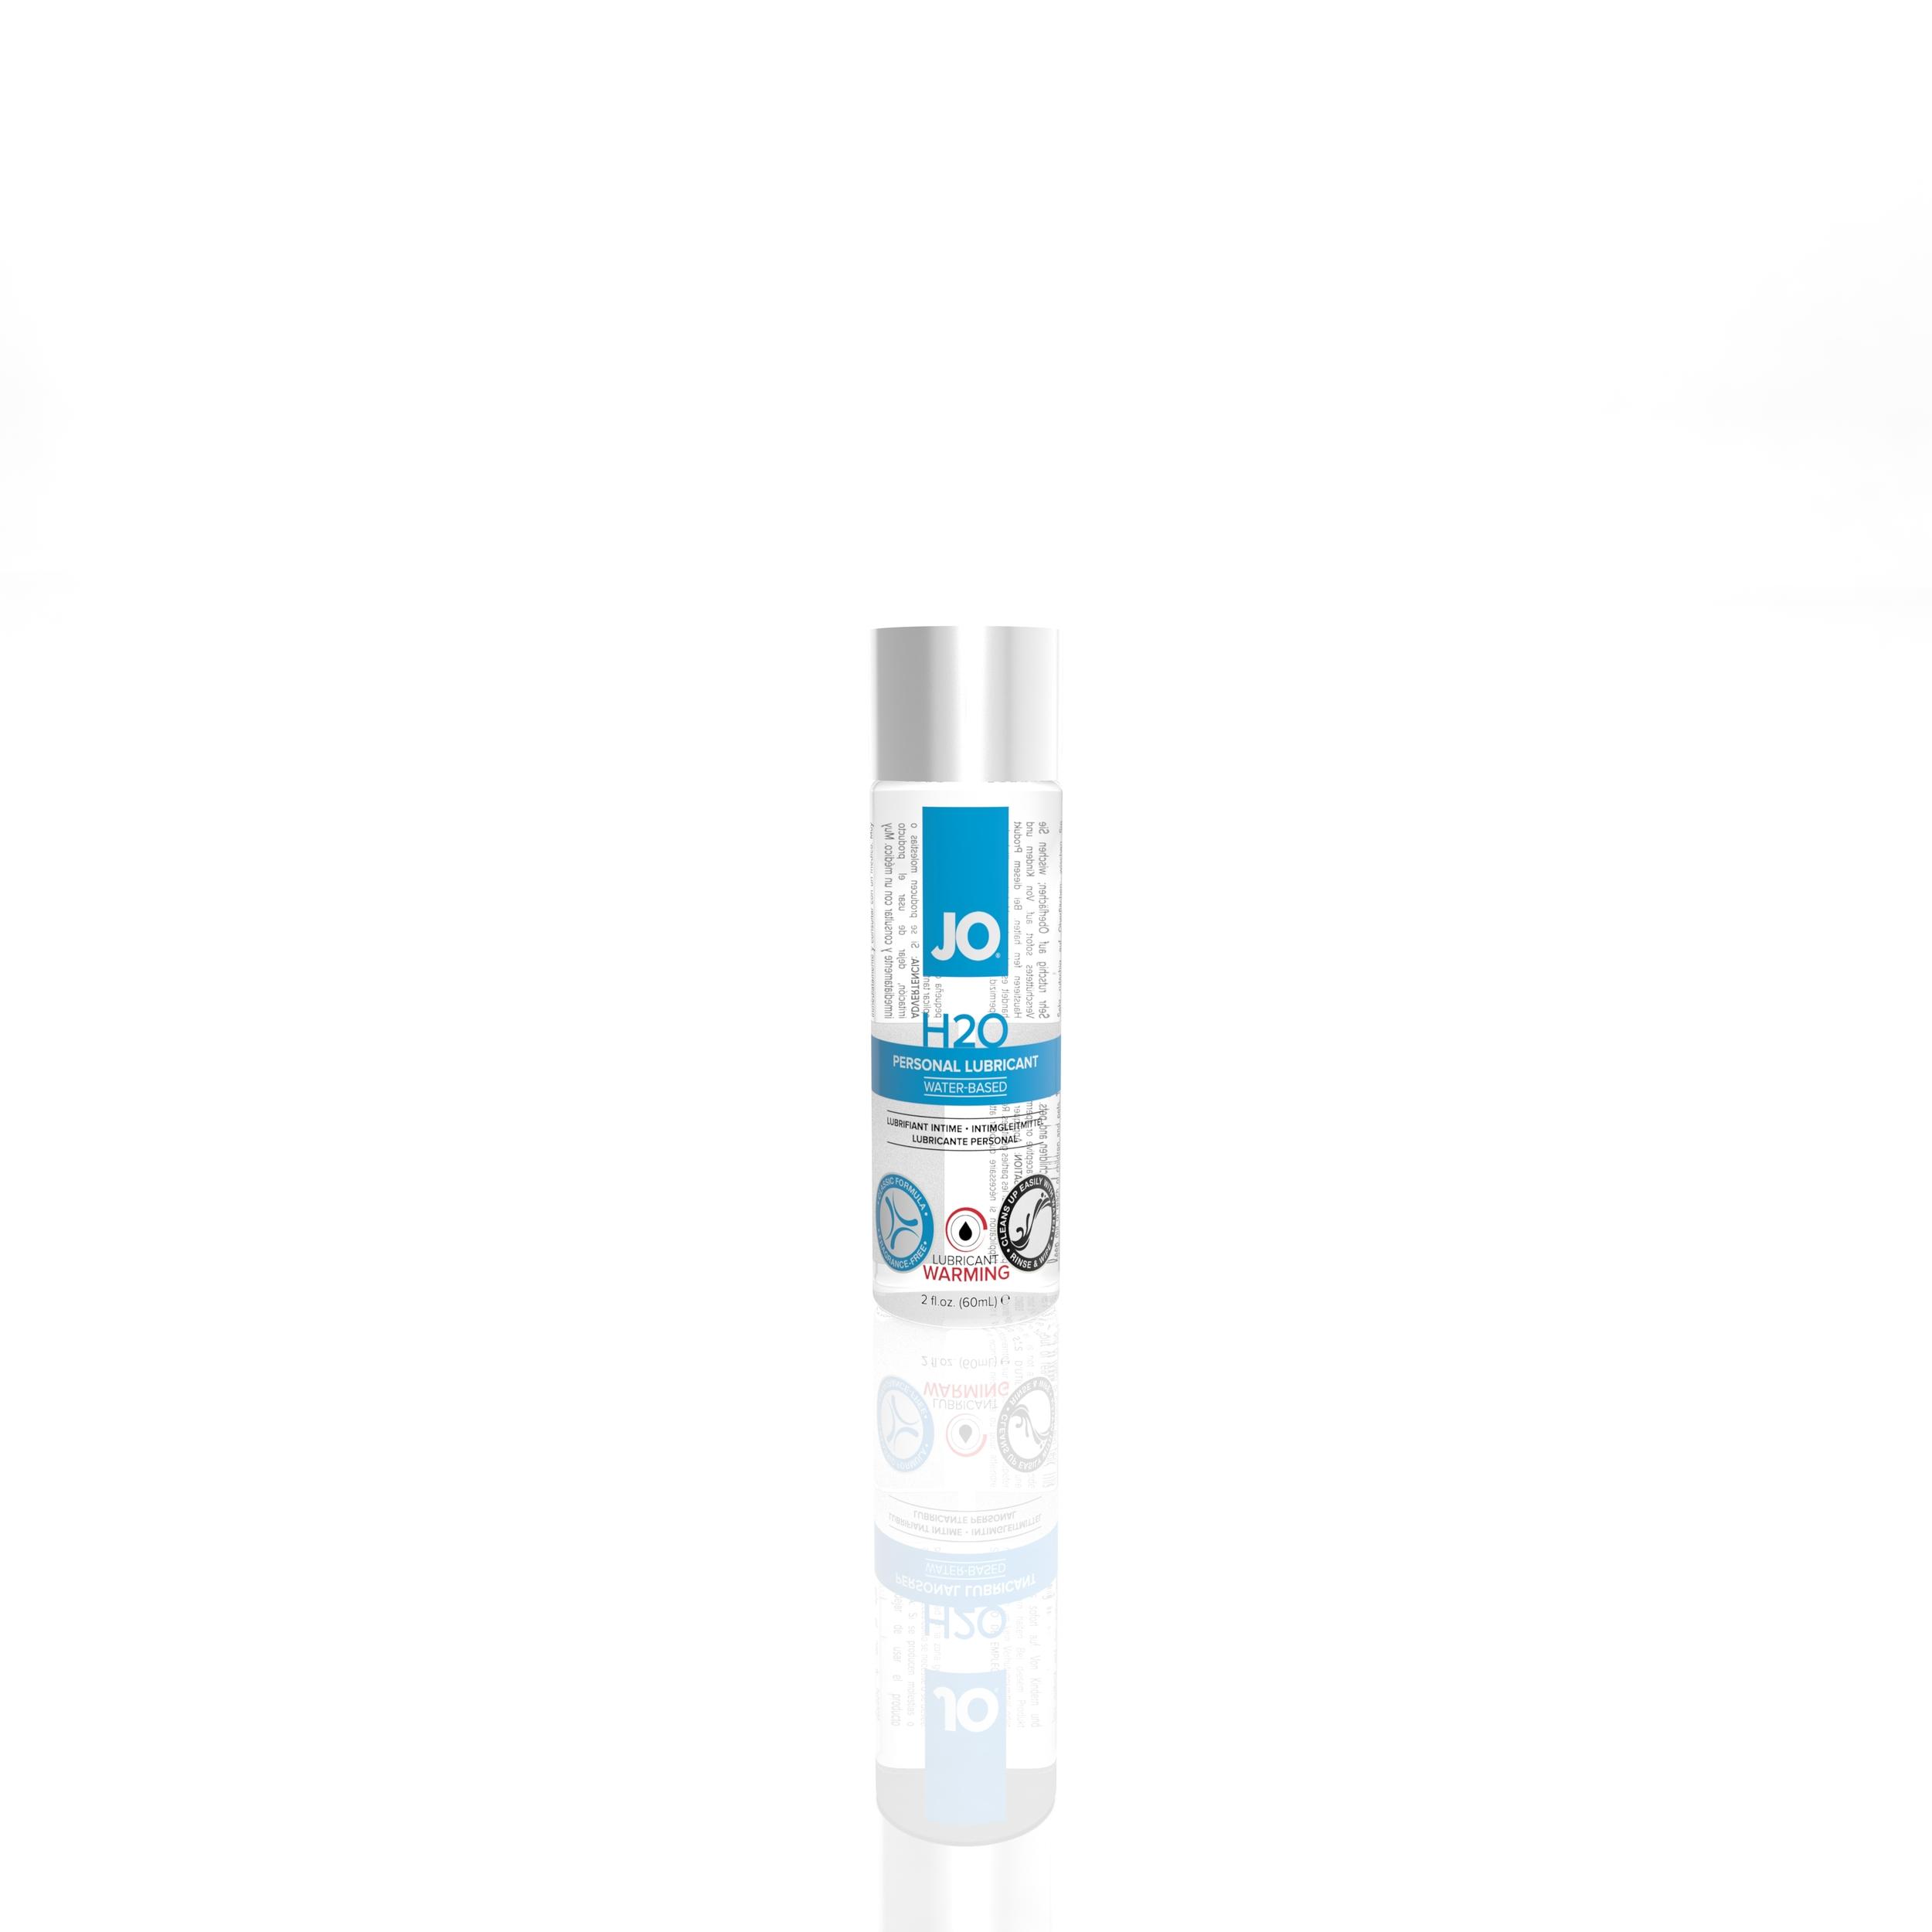 40080 - JO H2O LUBRICANT - WARMING - 2fl.oz60mL.jpg